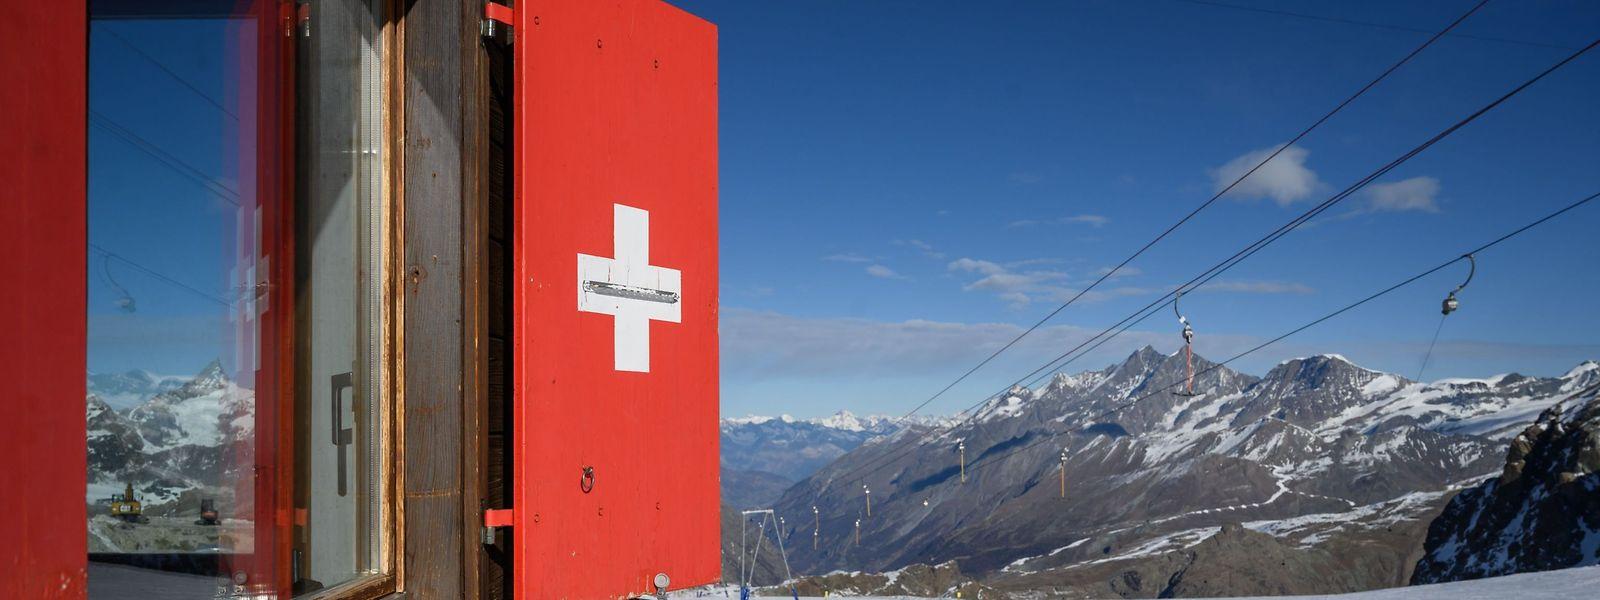 In den Schweizer Alpen sind die Skigebiete weiterhin geöffnet.